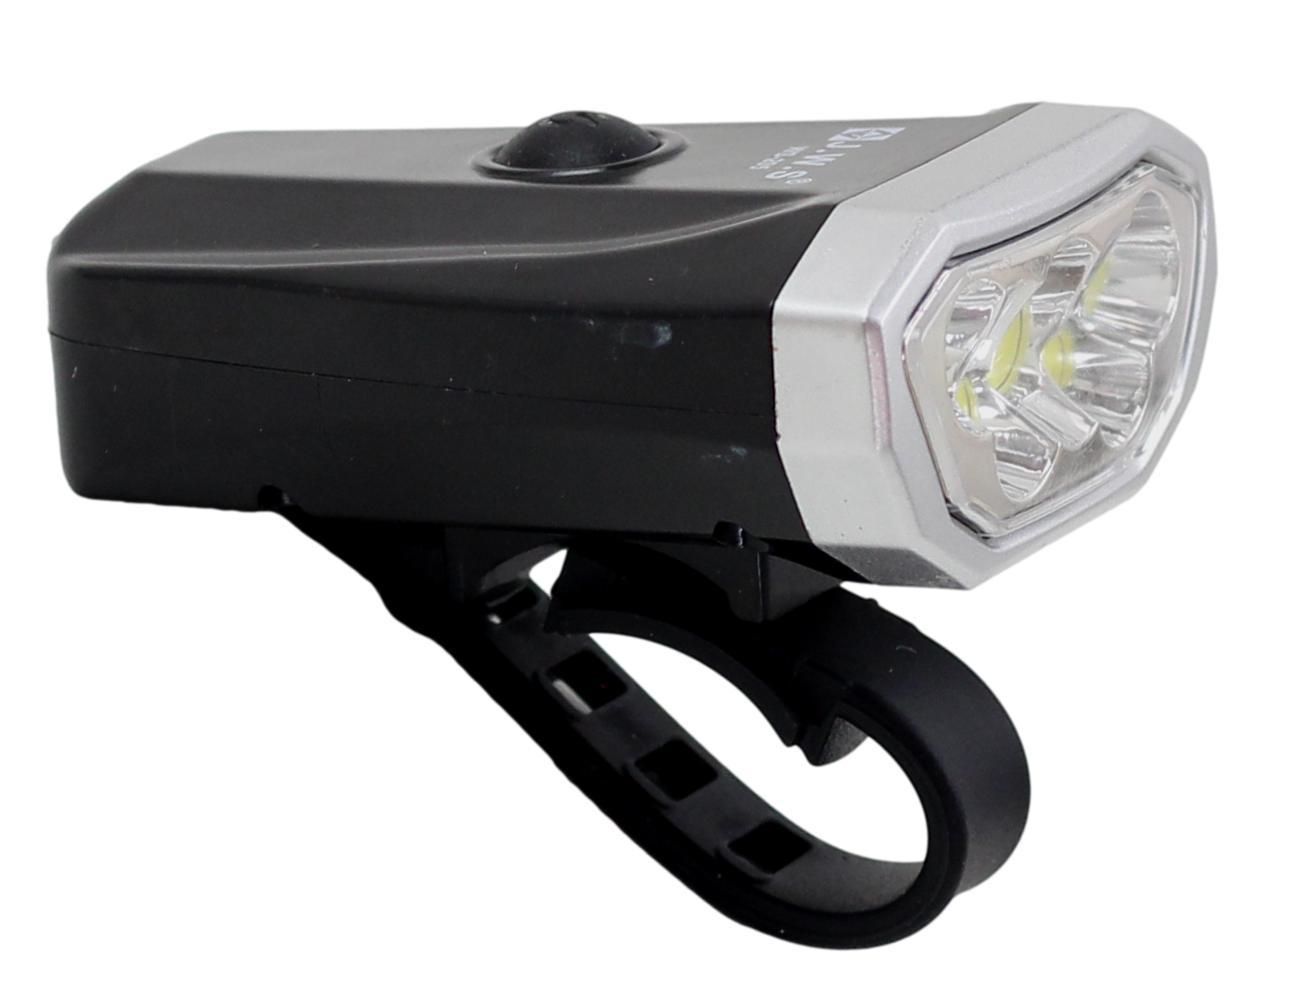 Lanterna Farol Dianteiro para Bicicleta JWS WS-205 5 Super Leds 800 Lúmens Preto Recarregavél